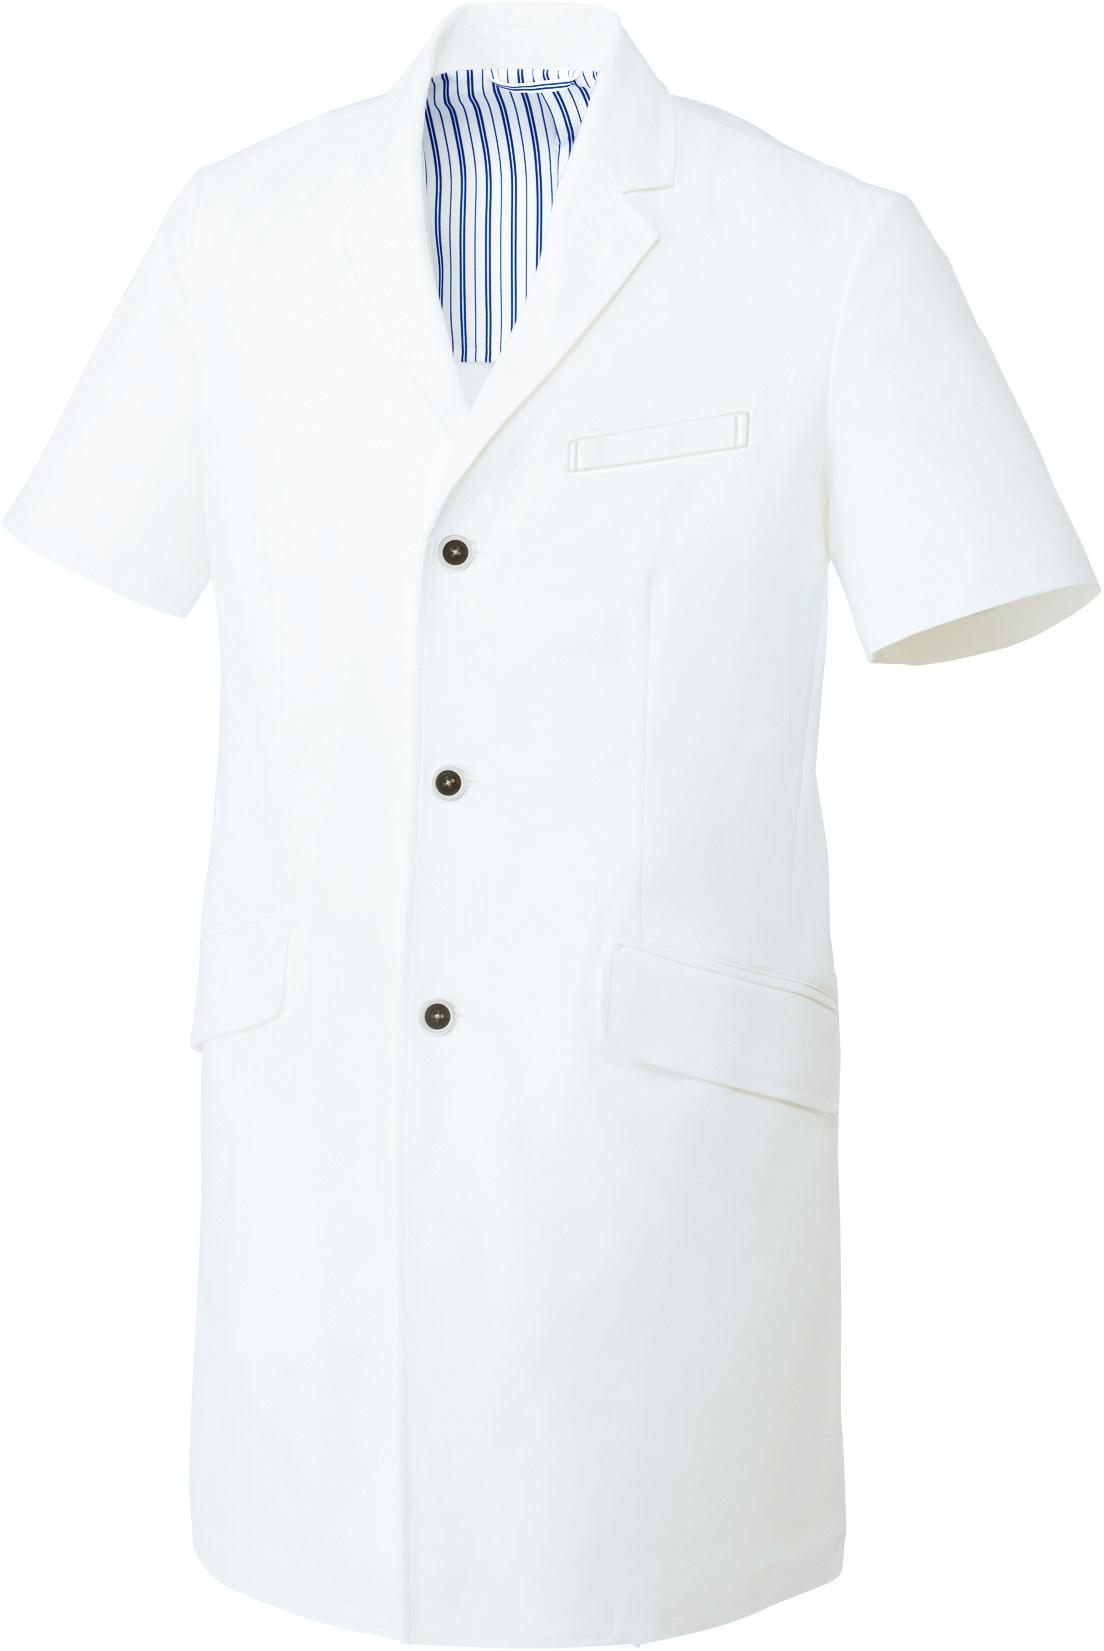 ドクターコート/白衣(半袖)[男]販売。刺繍、プリント加工対応します。研修医、医療チームウェアに人気